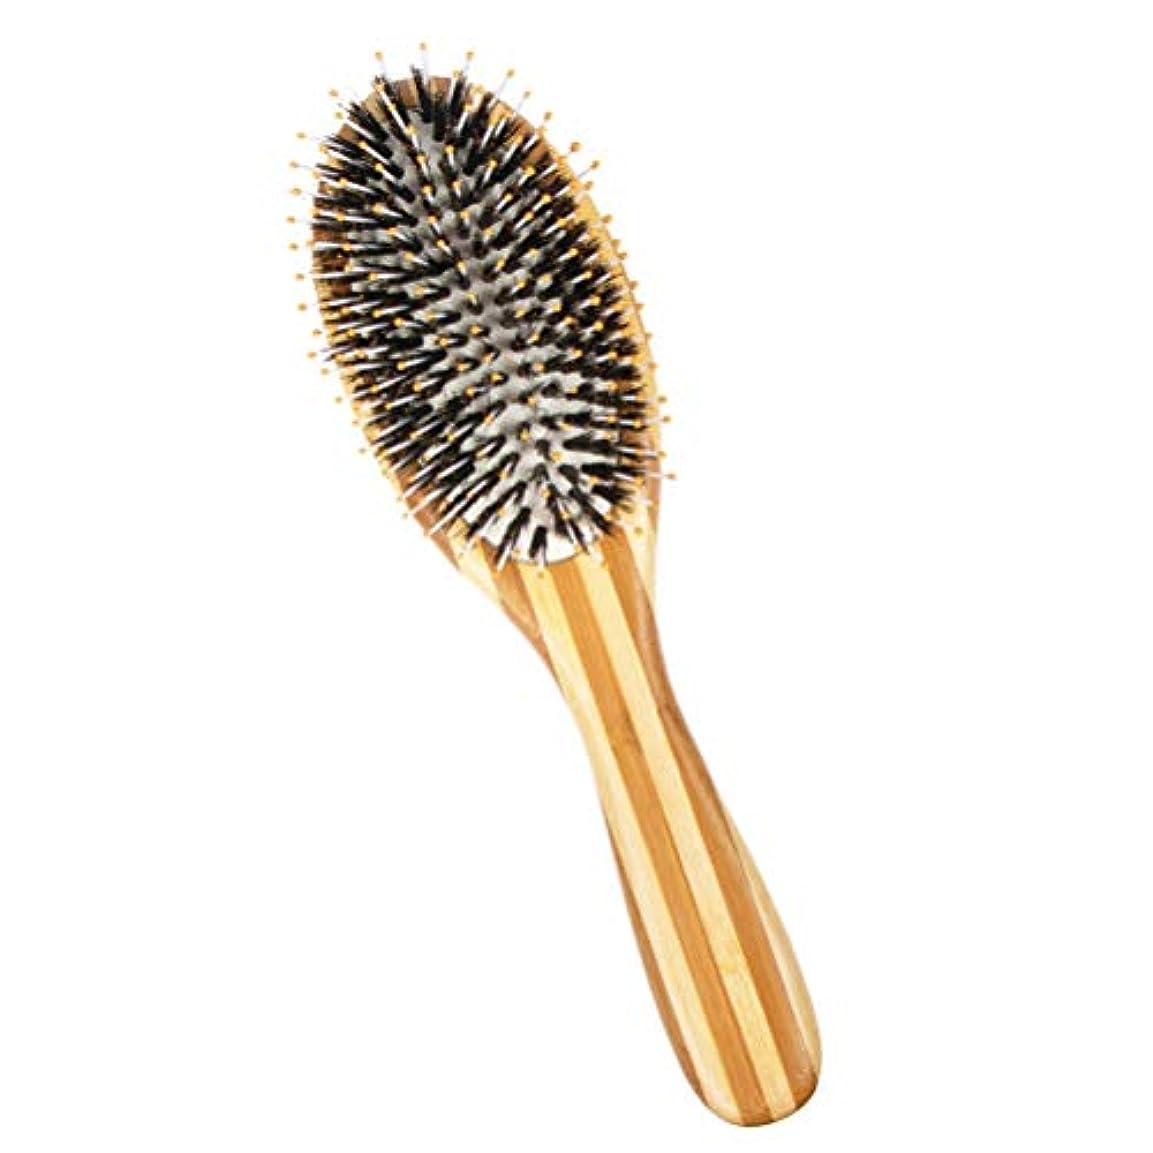 器用税金不一致Heallily ヘアブラシ1ピース剛毛ヘアブラシマッサージくし天然竹スムージングくし男性と女性のための髪の質感を向上させる